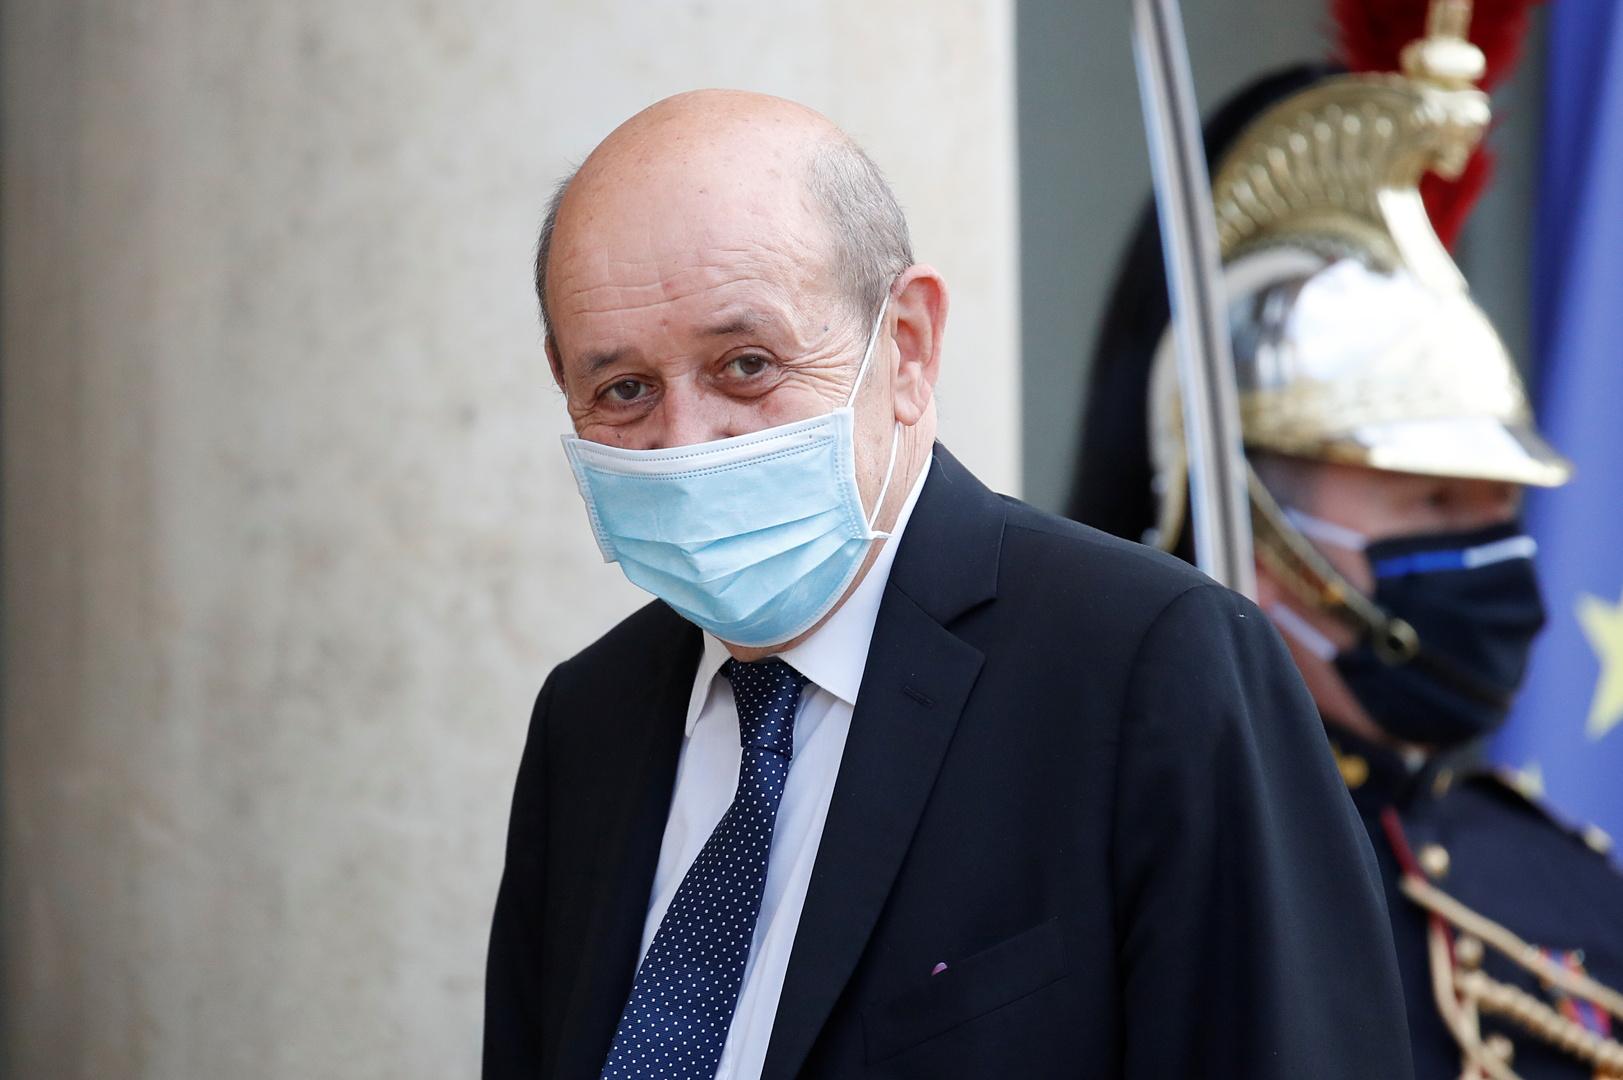 وزير خارجية فرنسا: الحوار مع روسيا مهم رغم الخلافات